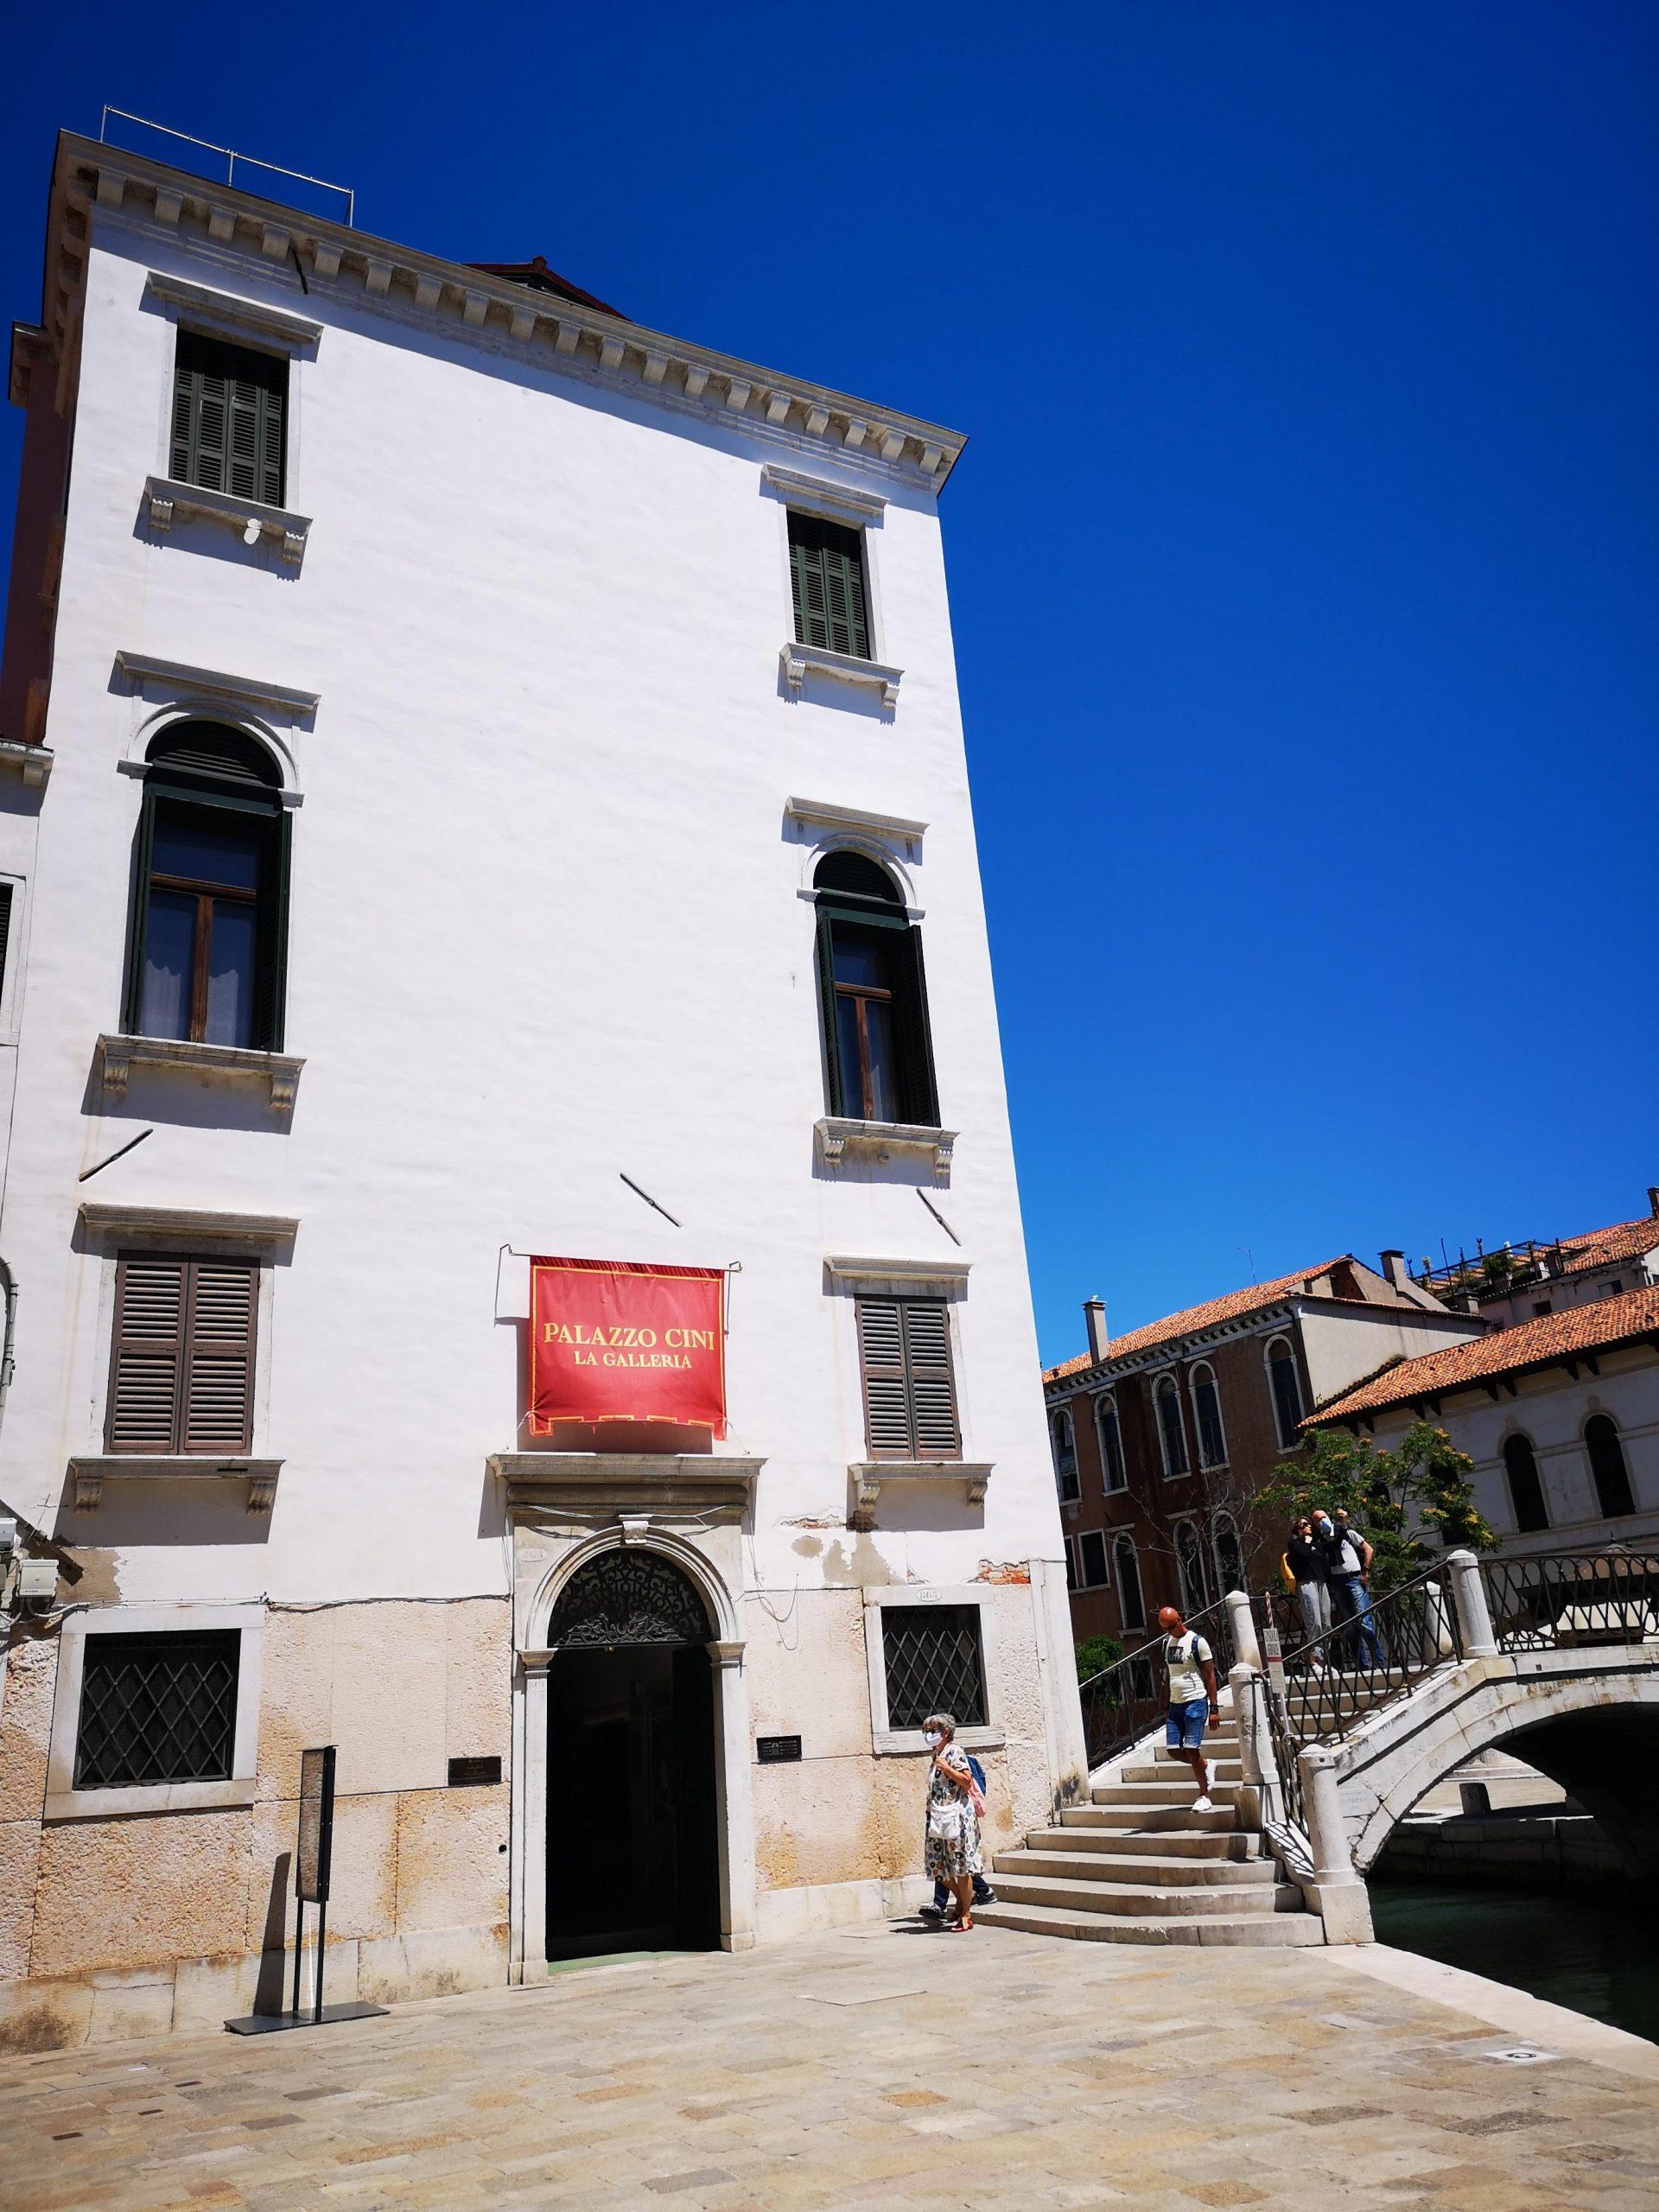 Palazzo Cini in Venice